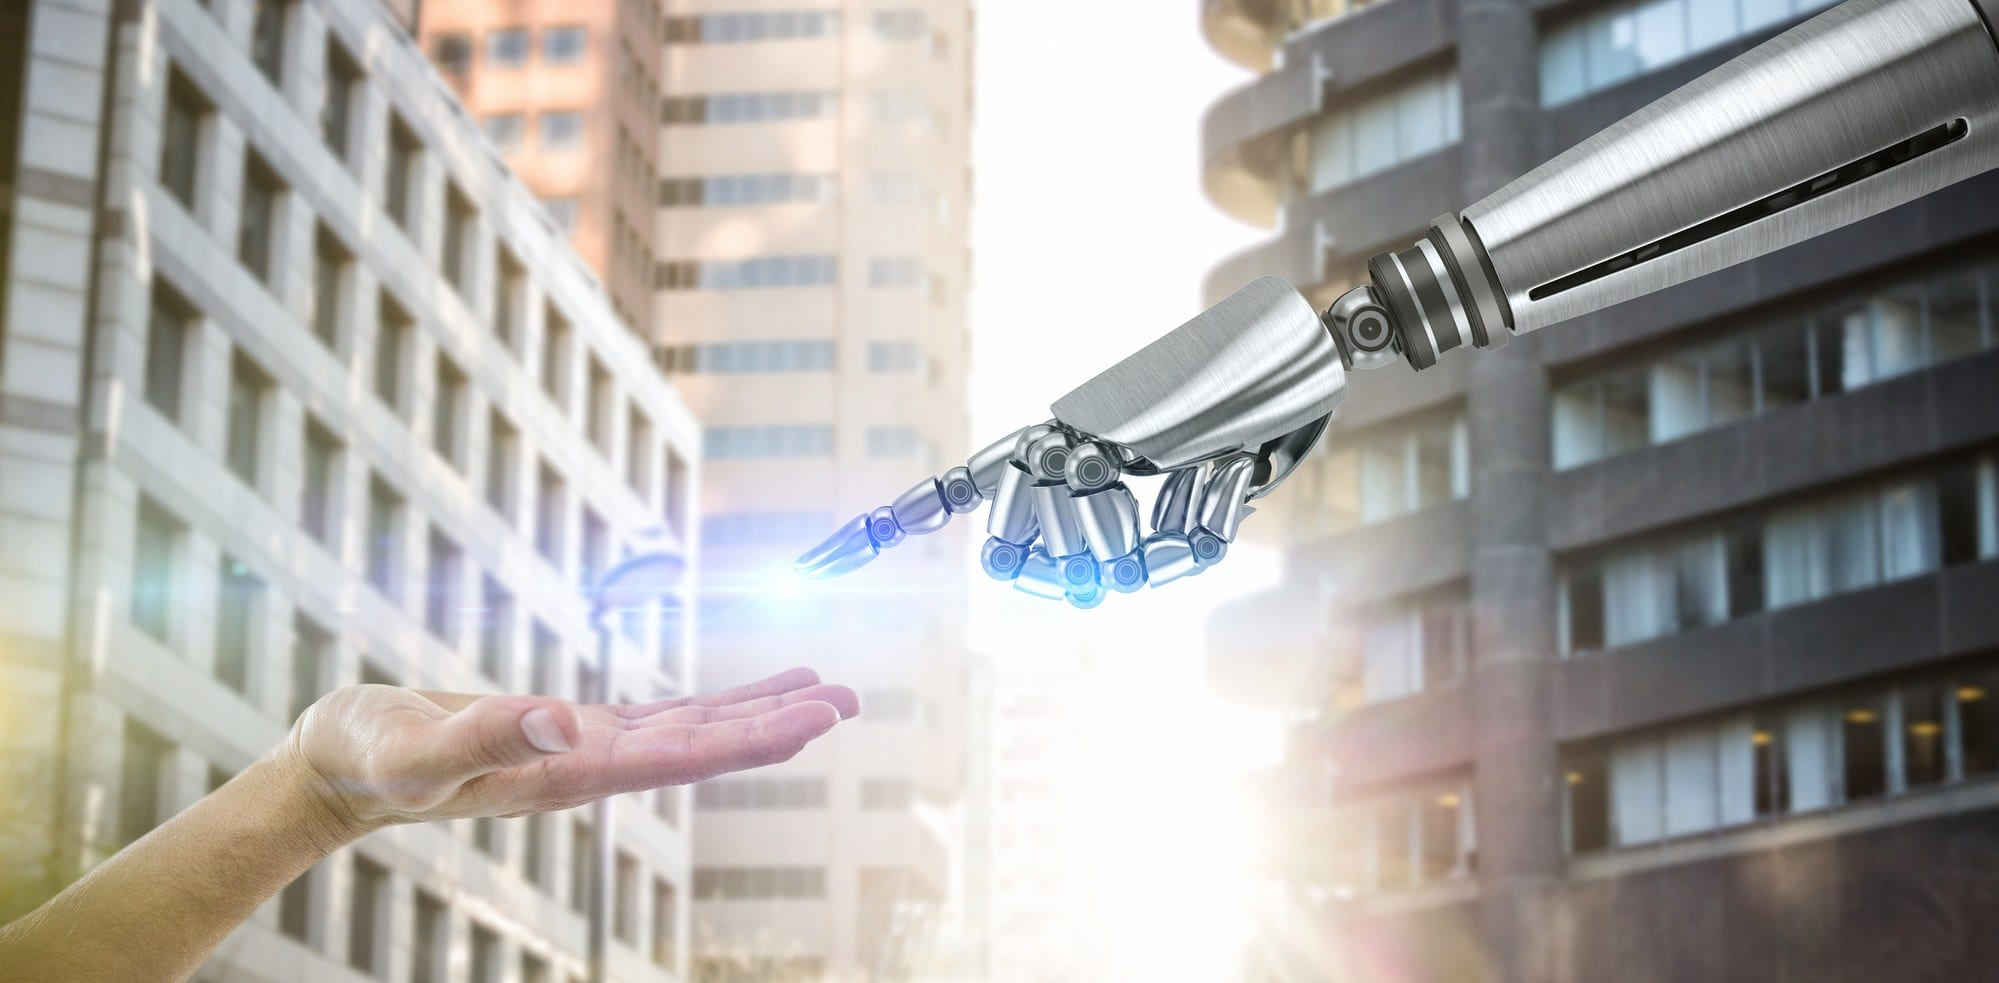 Священники и эксперты обсудят вопросы развития искусственного интеллекта